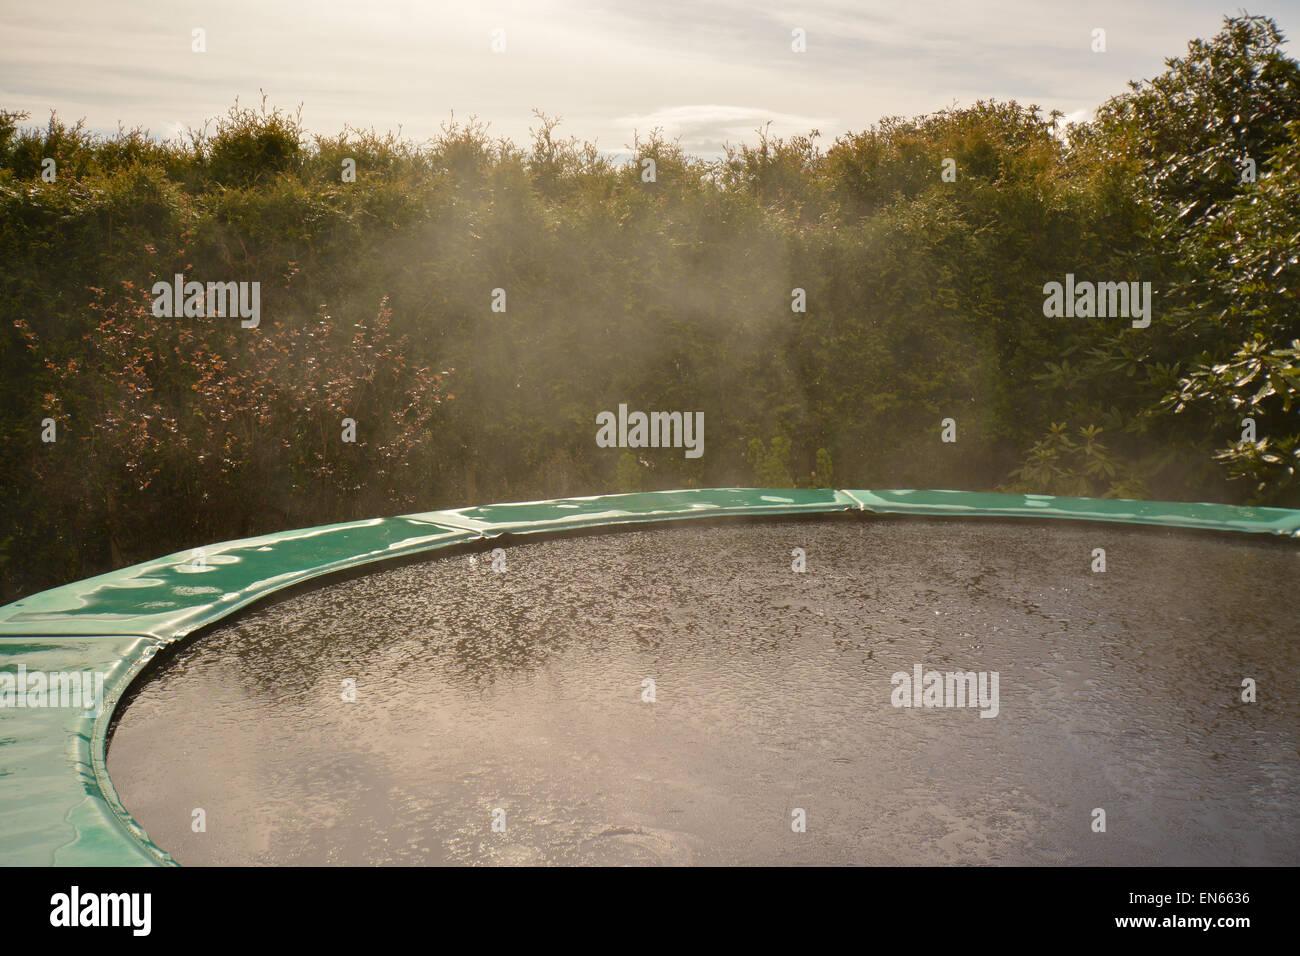 Beispiel für Verdampfung für Kinder - Verdampfen von Gartentrampolin nach plötzlichen Regen Regen Stockbild